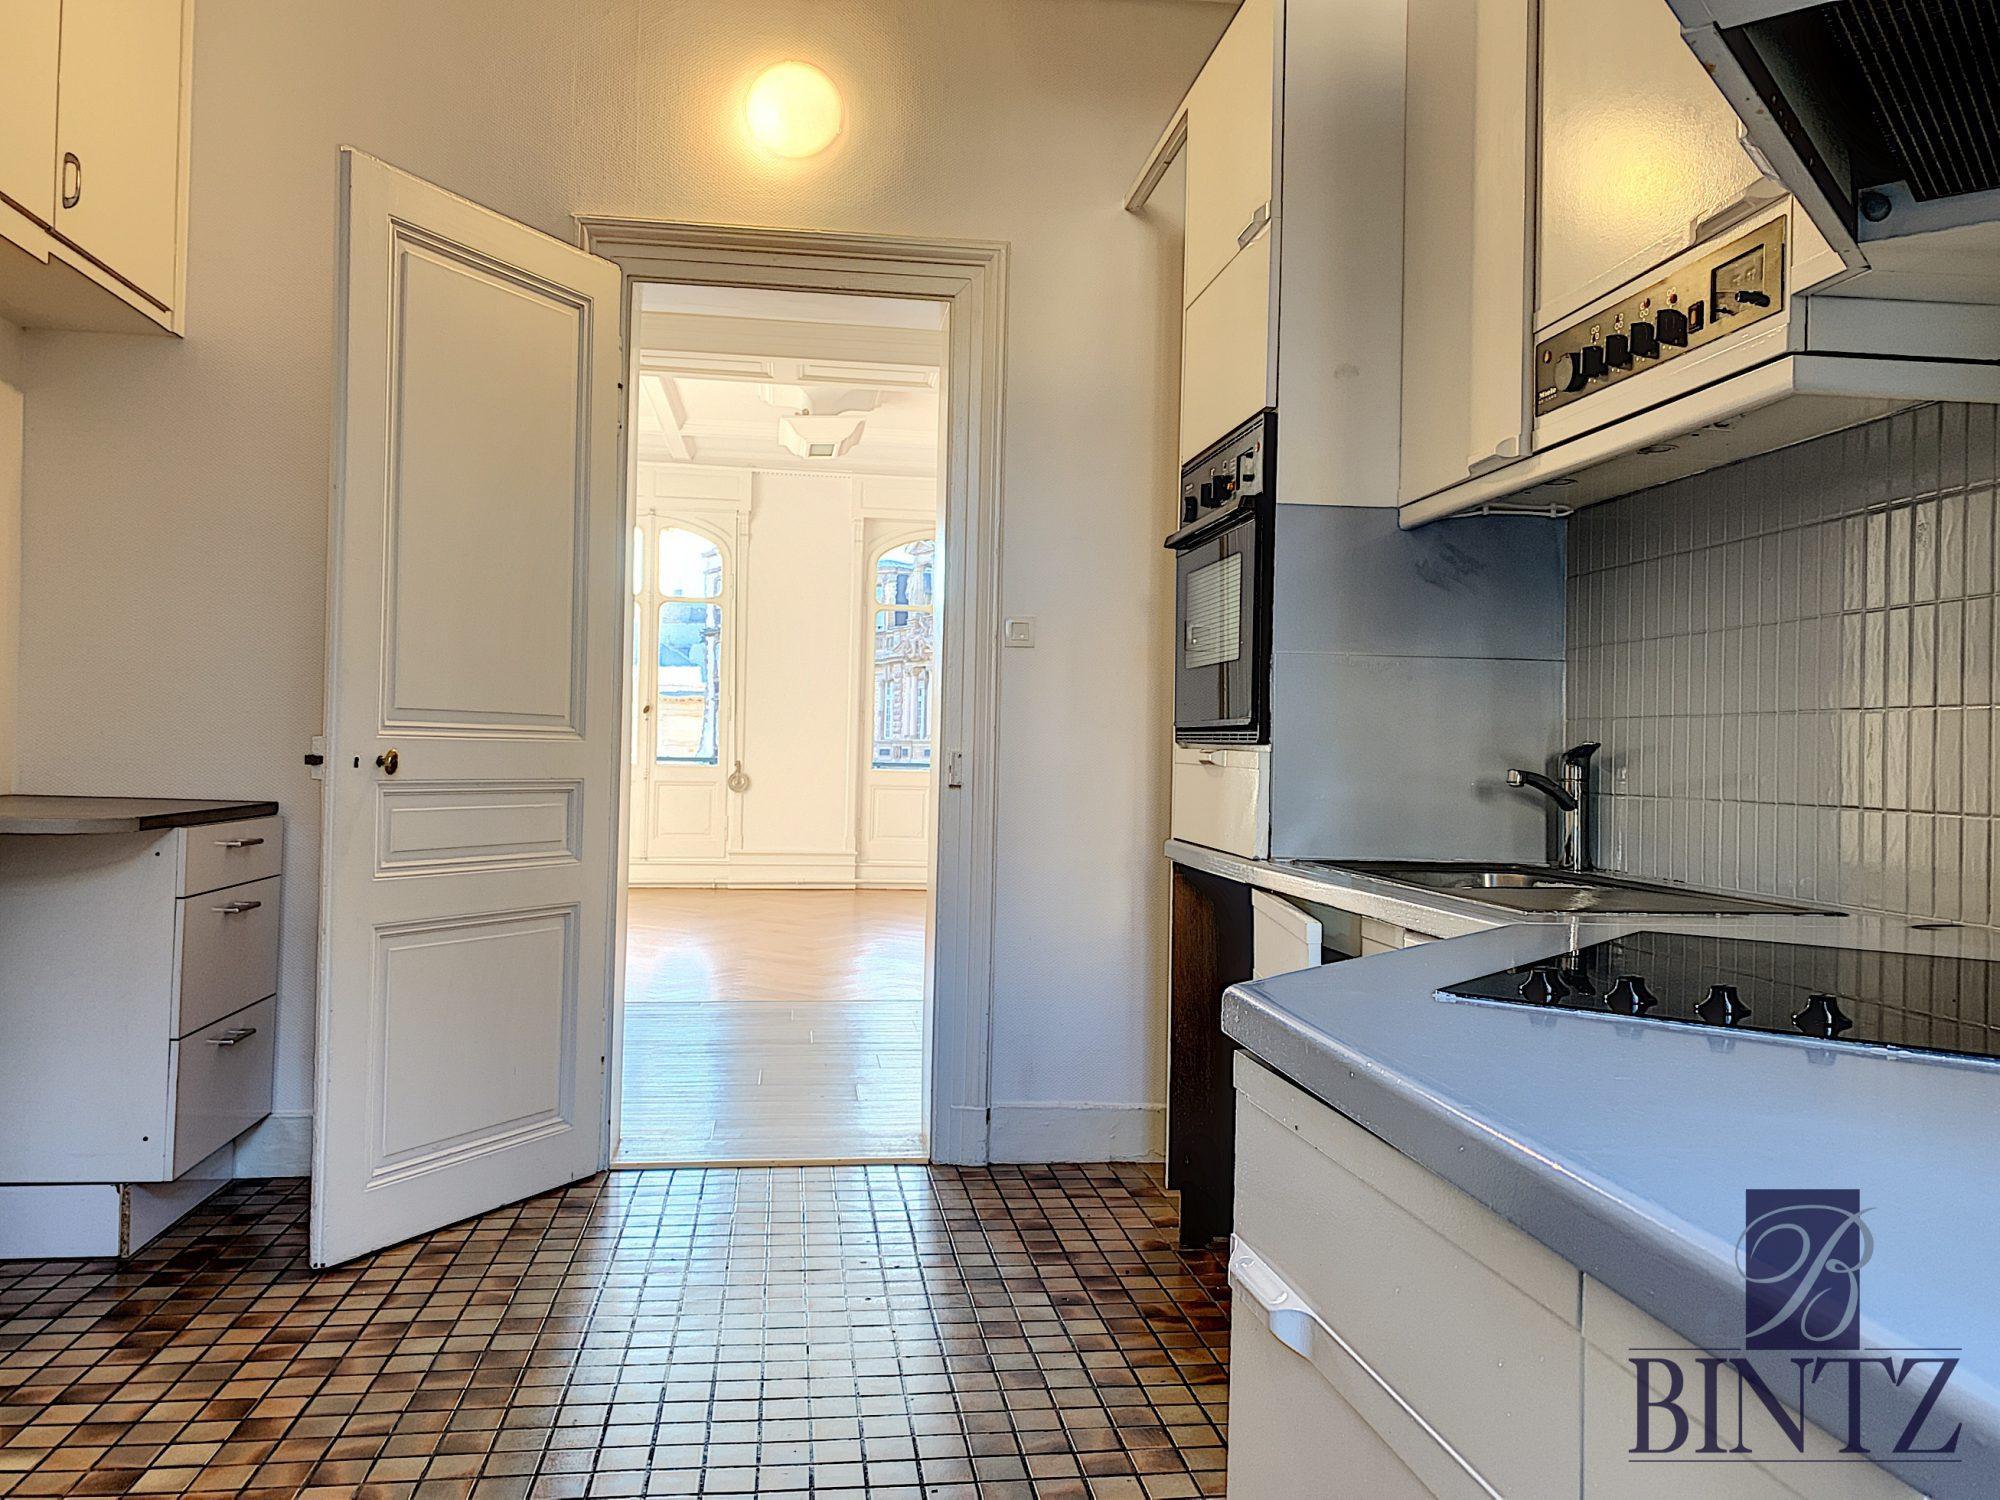 Exceptionnel 6pièces au Coeur de la NEUSTADT - Devenez locataire en toute sérénité - Bintz Immobilier - 11